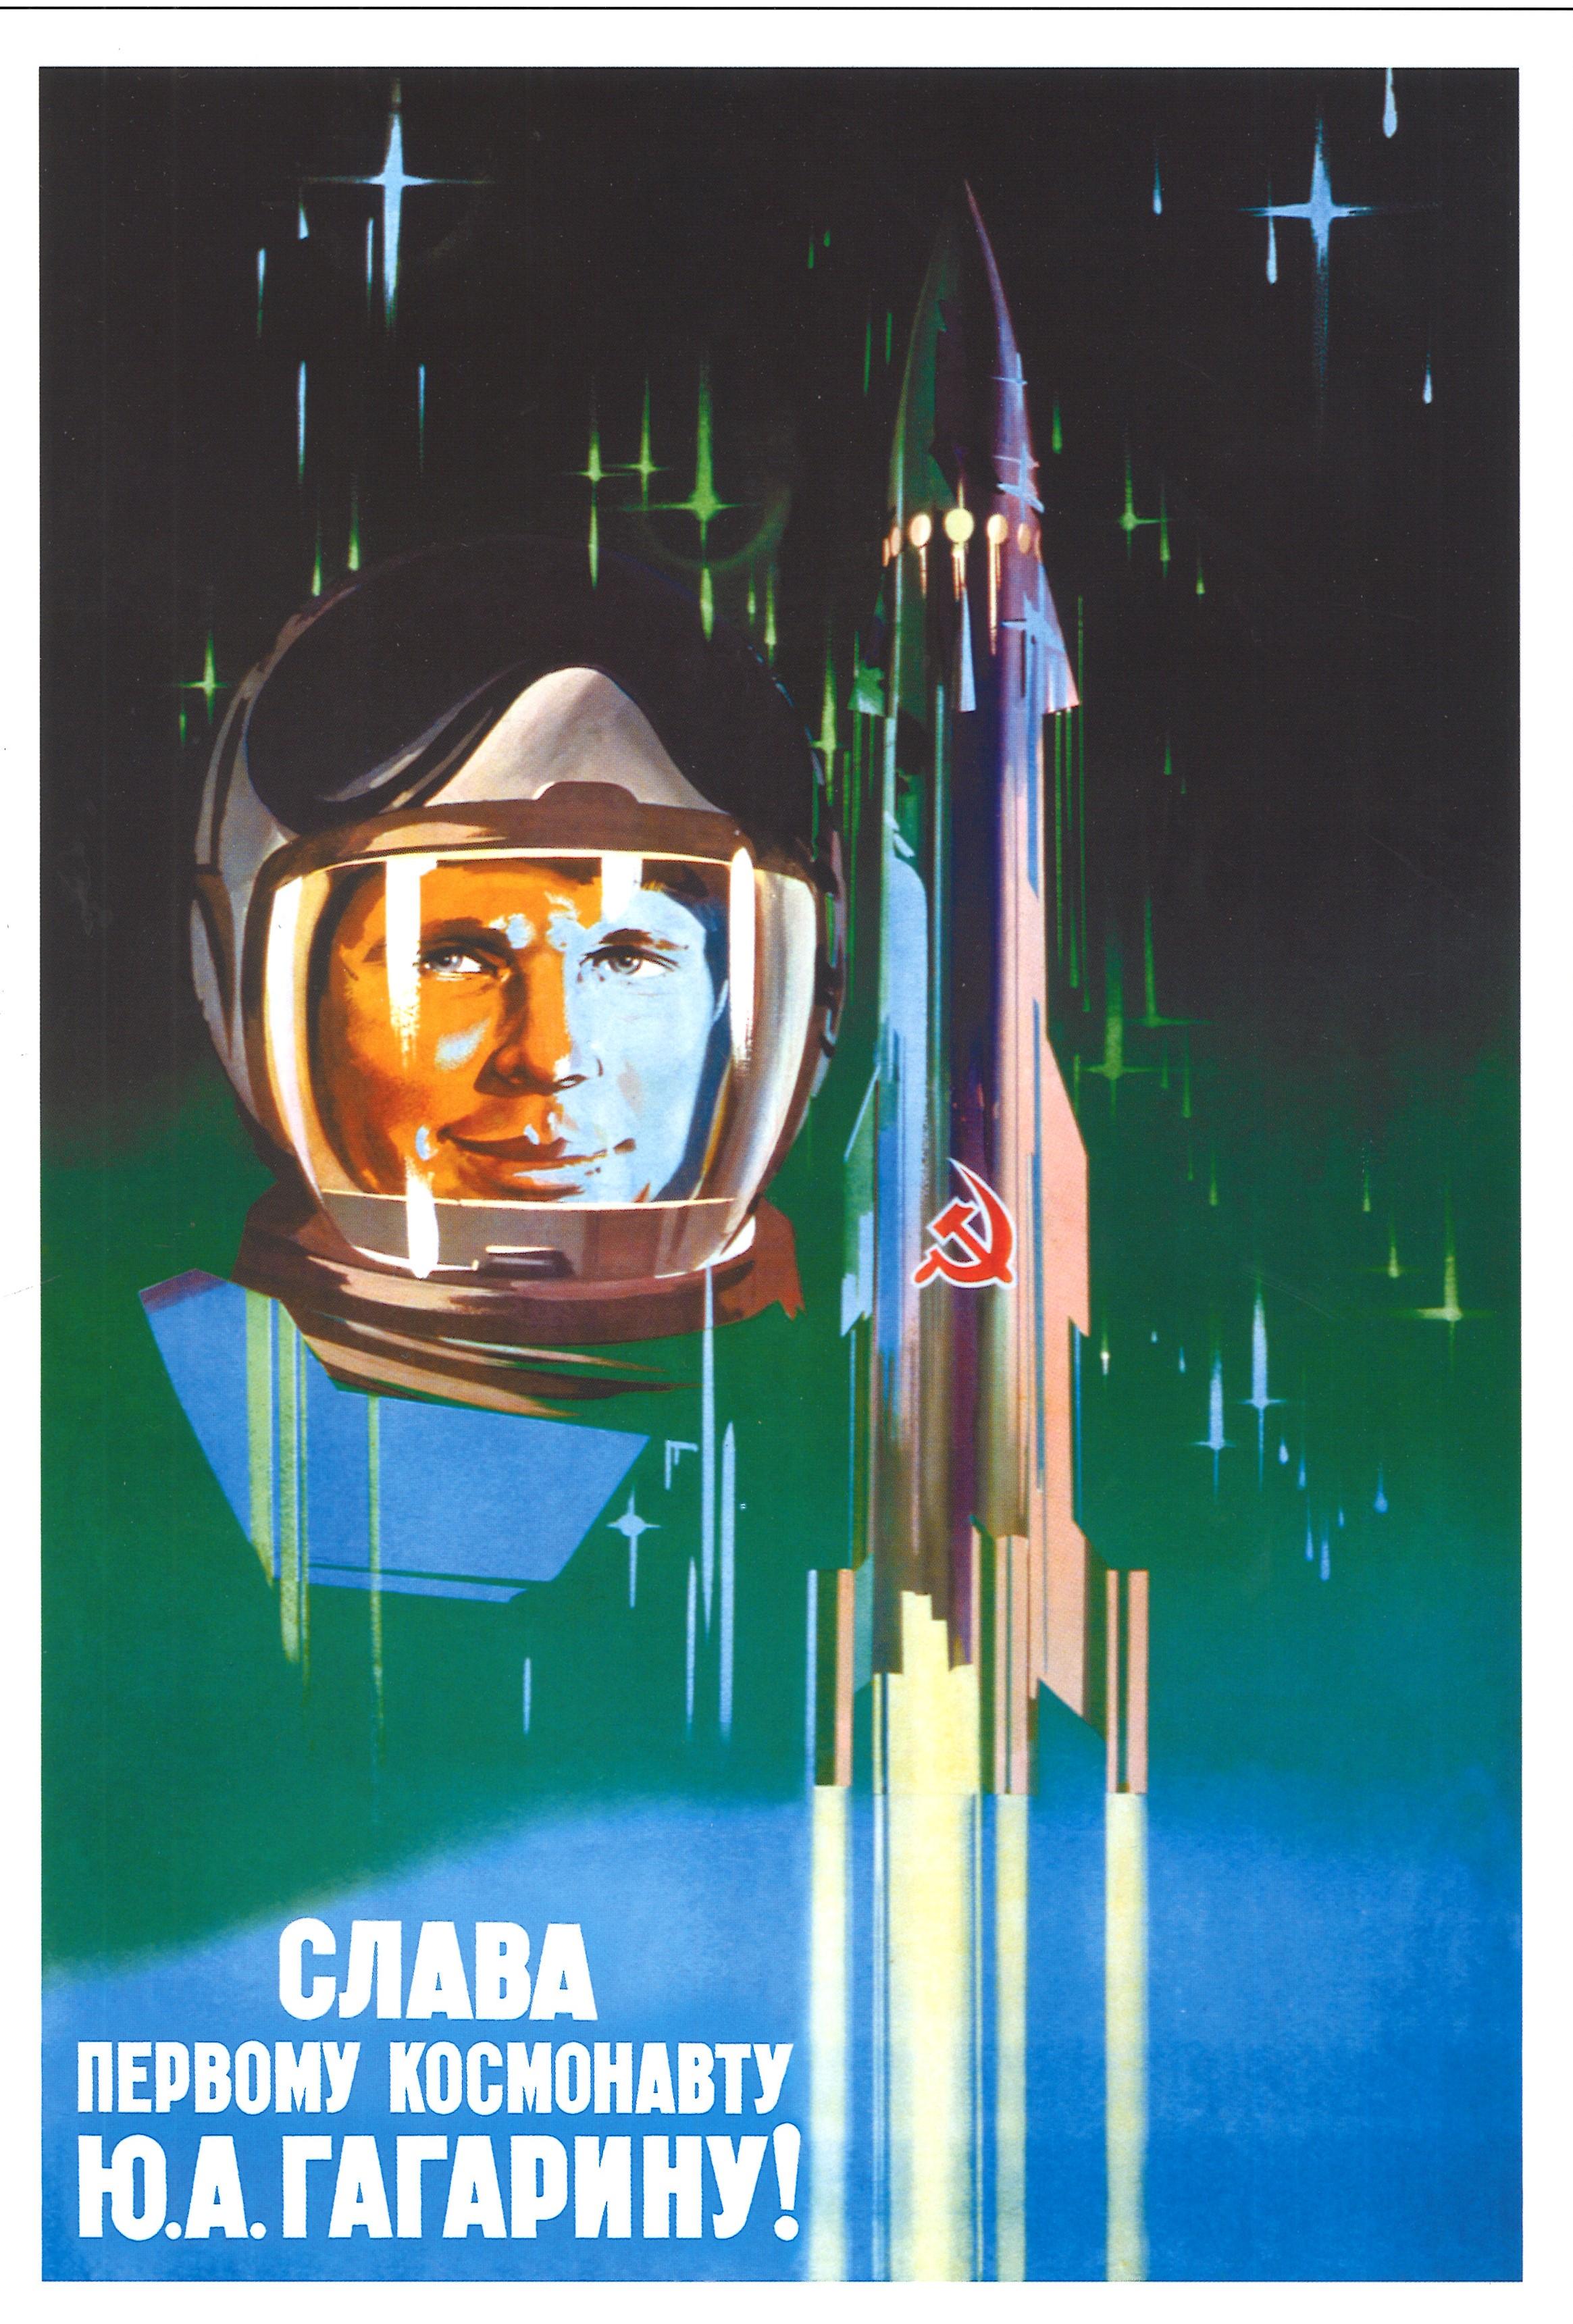 Слава первому космонавту Ю. А. Гагарину!